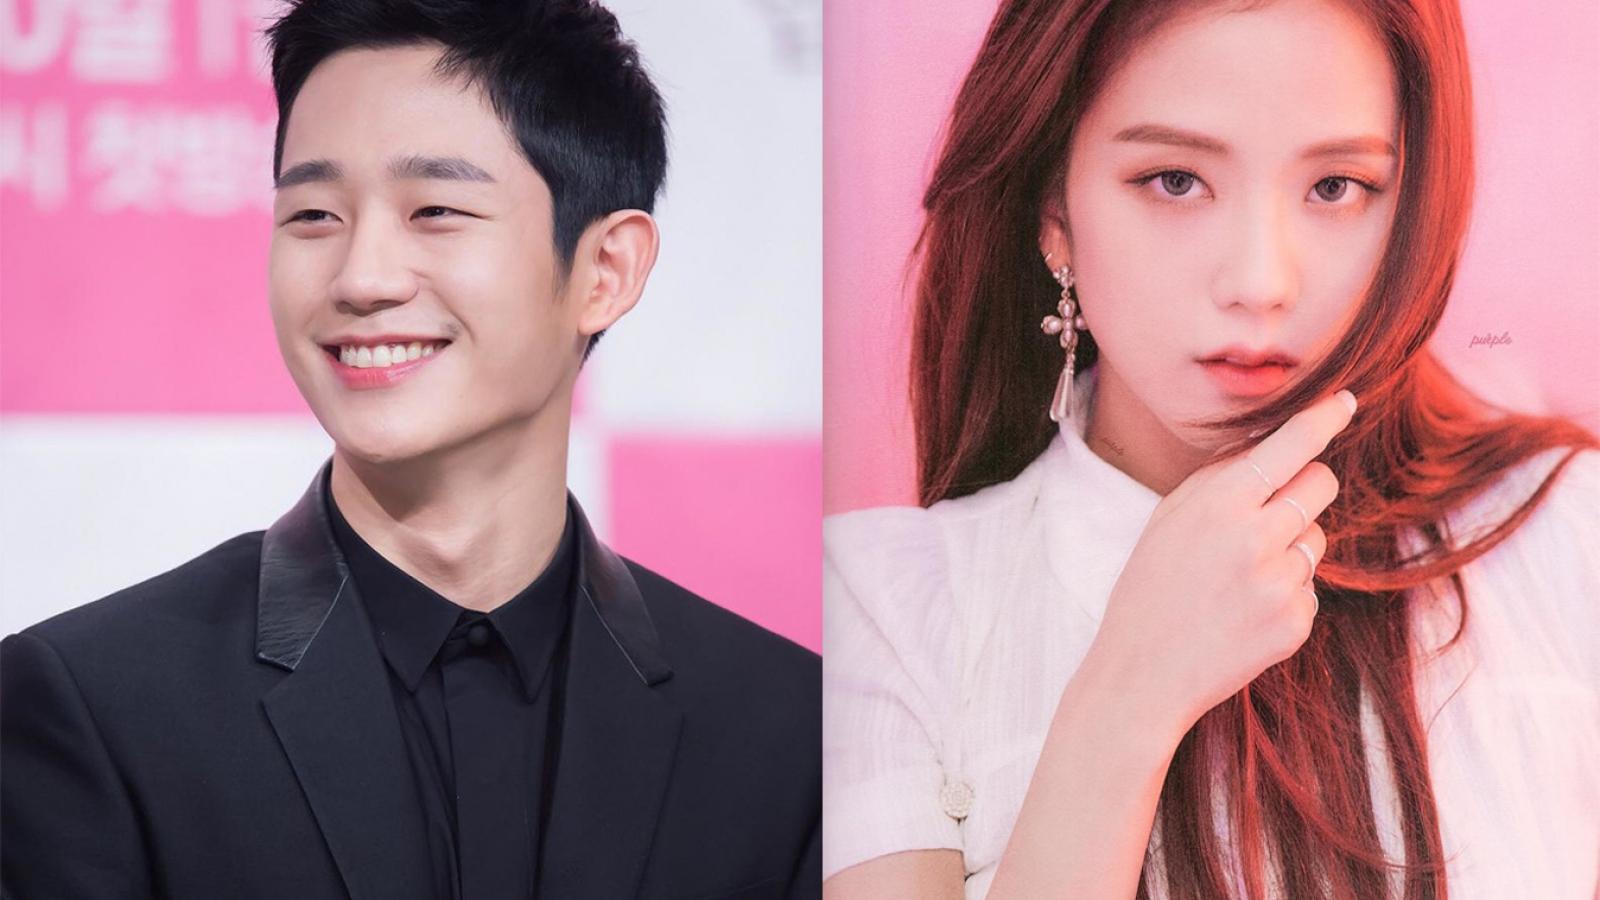 """Jisoo (BLACKPINK) sánh đôi cùng mỹ nam """"Chị đẹp"""" trong phim mới"""